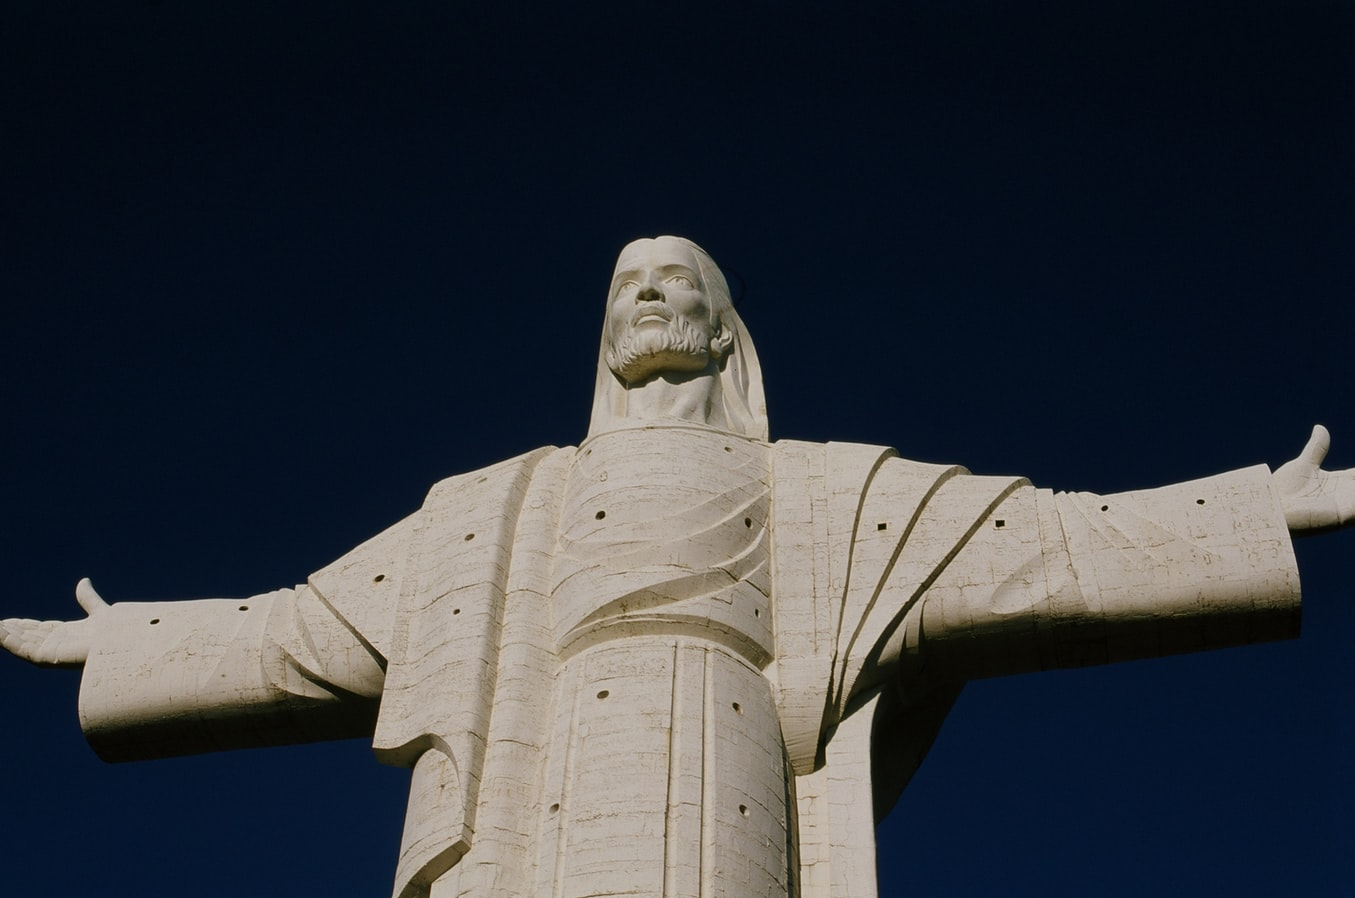 El Cristo de la Concordia in Cochabamba Bolivien